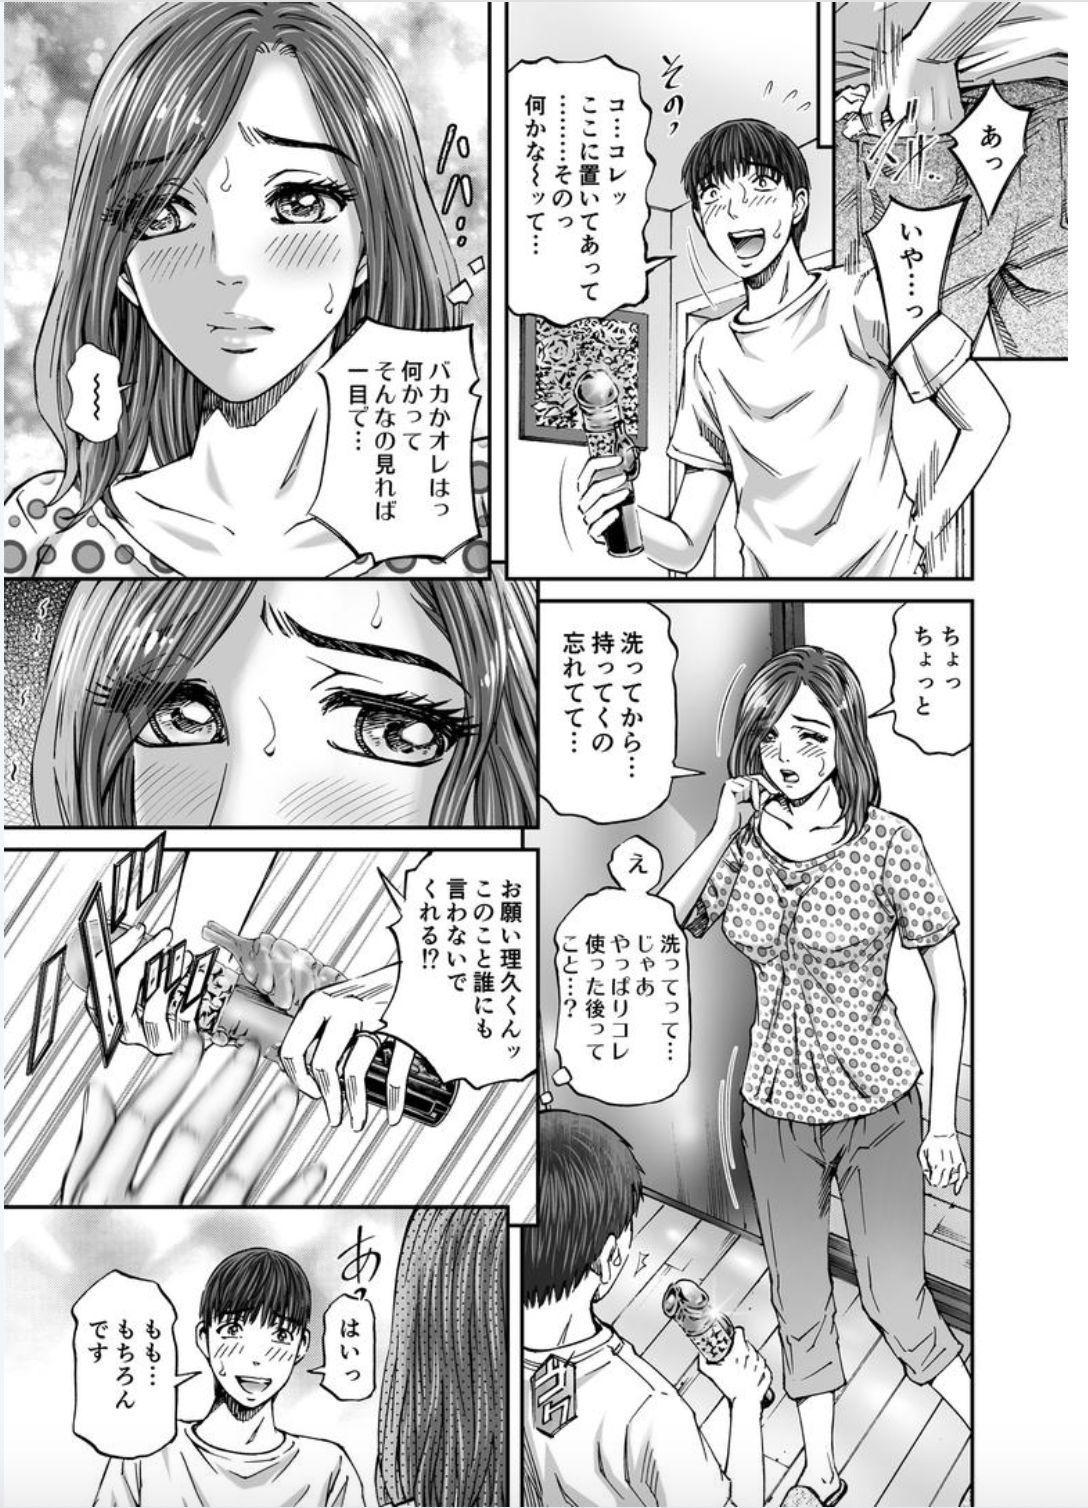 Seisyoku Dance Hitodzuma no chitsueki ni mamirete 1-2 18